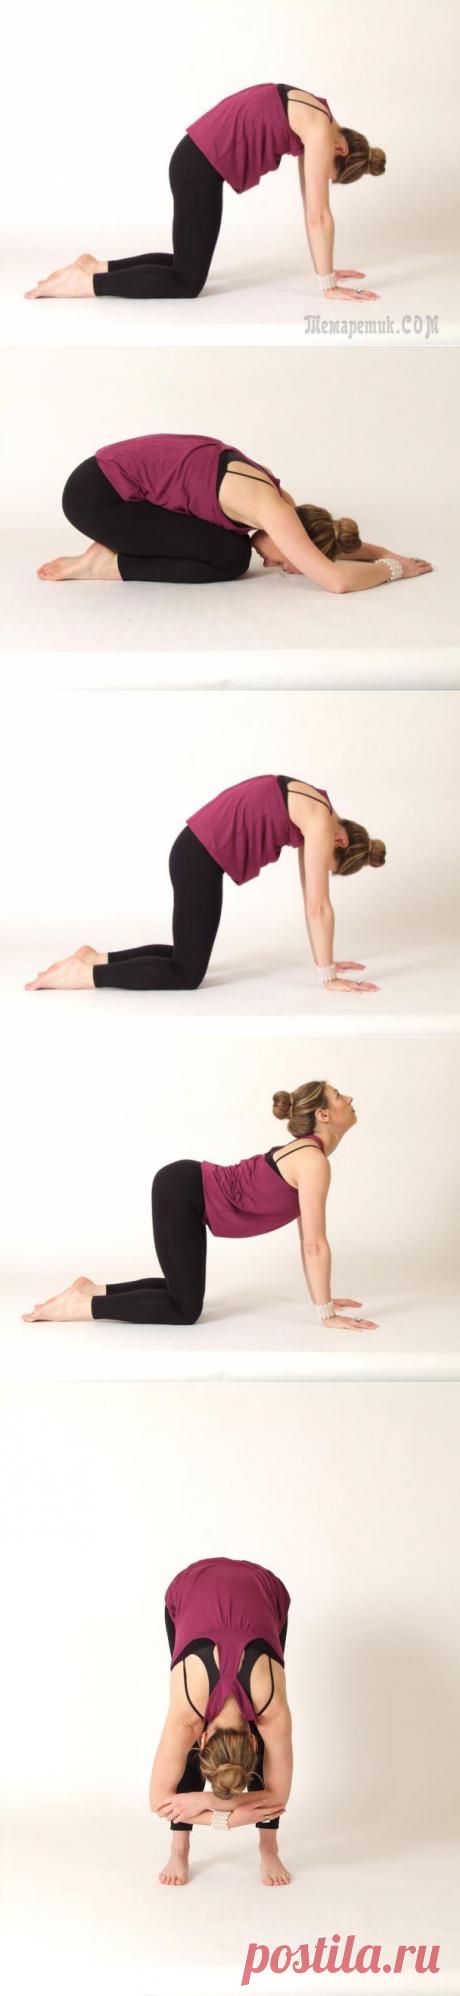 4 лучшие йога позы для естественного похудения: рекомендации начинающим